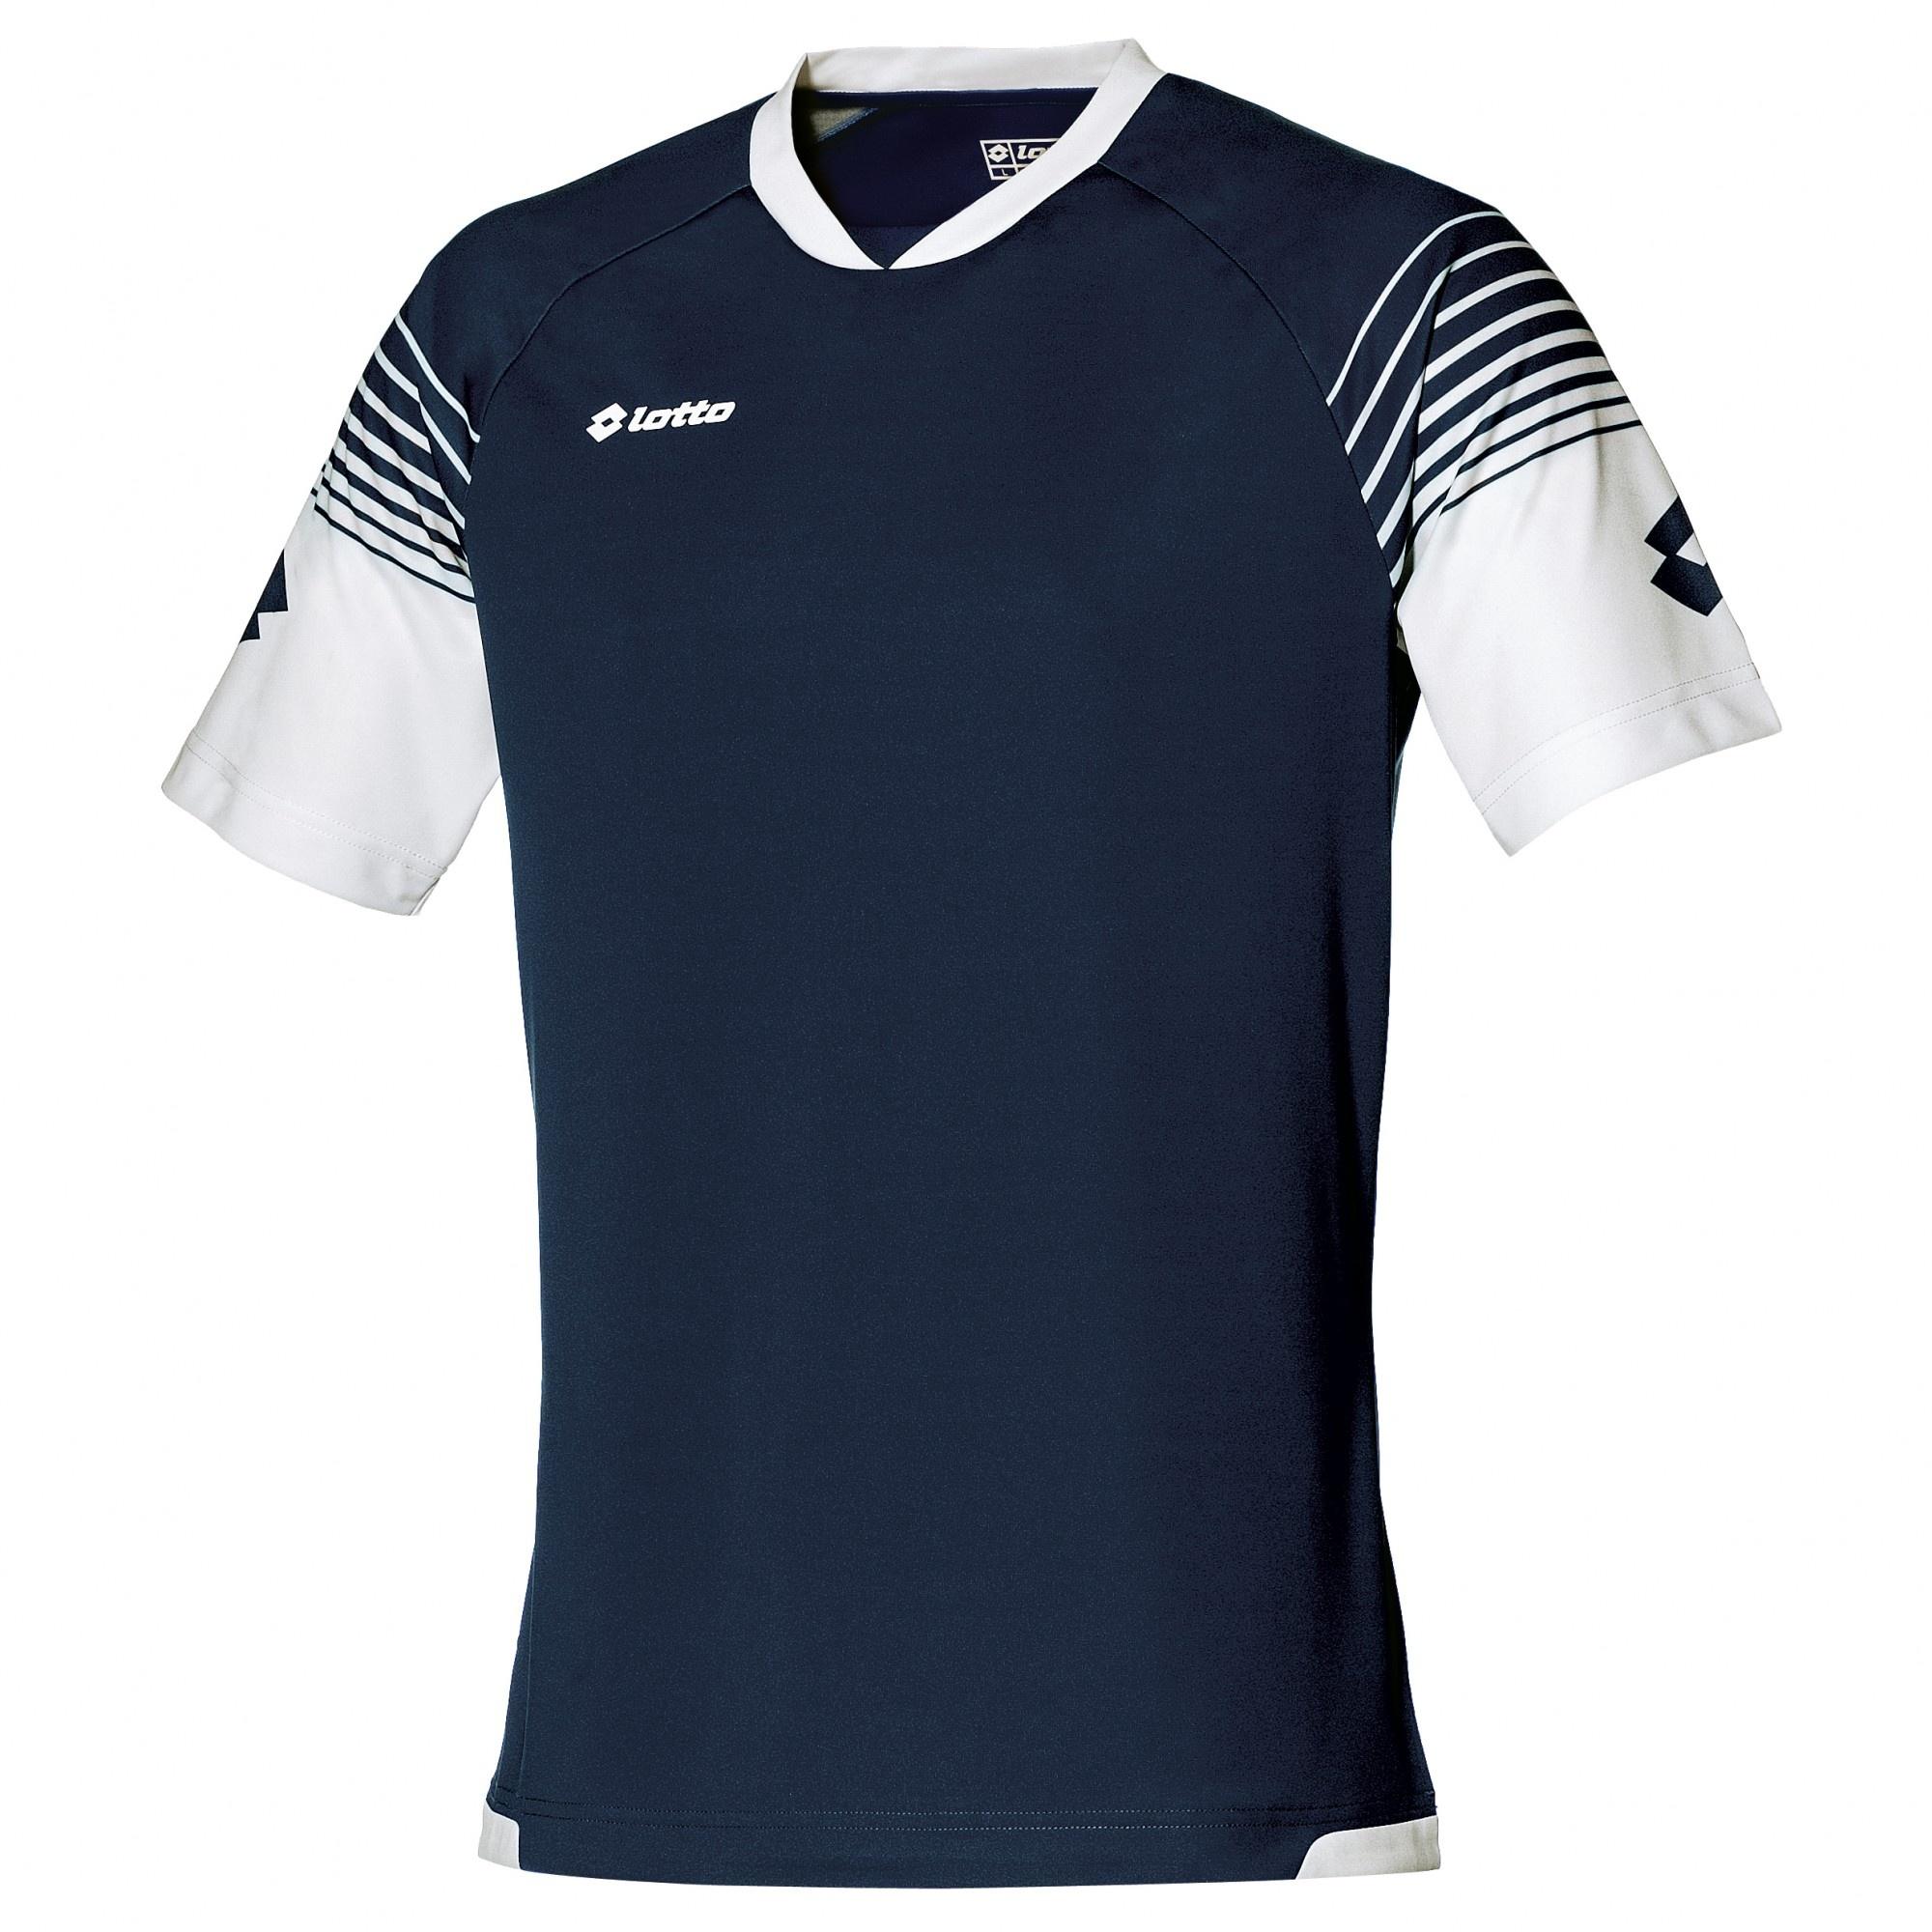 Lotto-Camiseta-de-futbol-transpirable-Modelo-Omega-para-hombre-RW2072